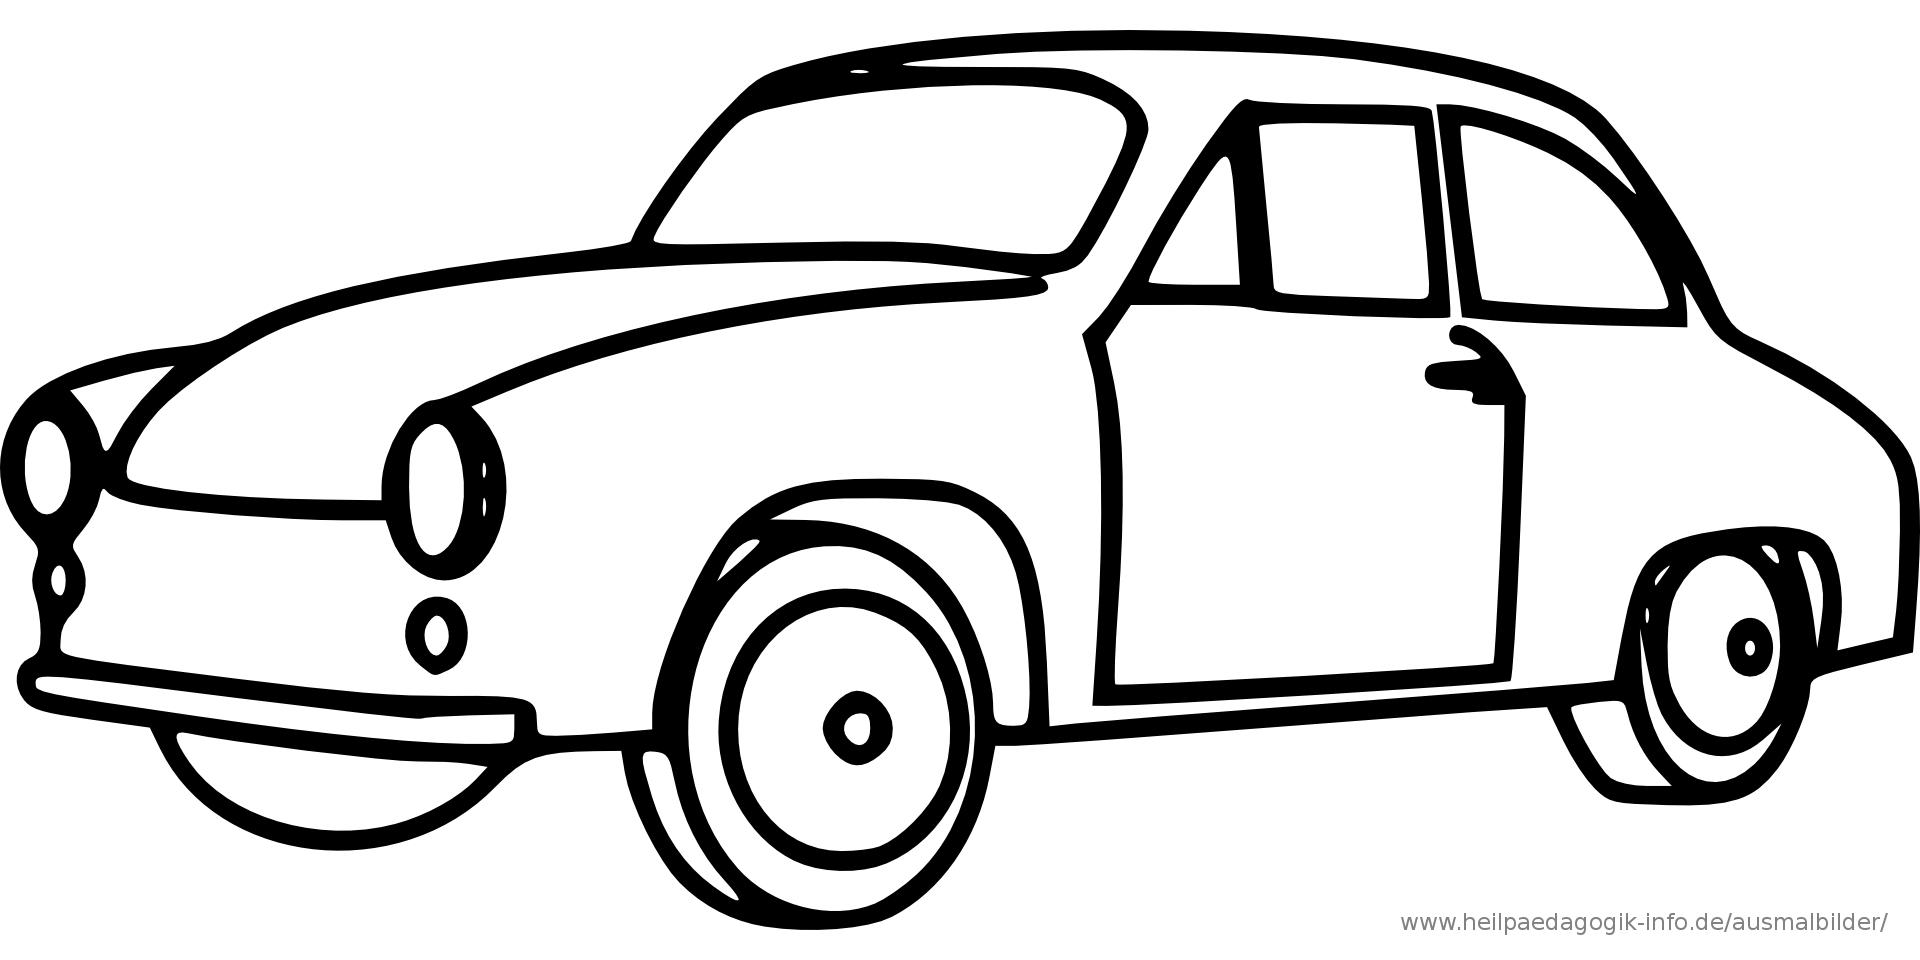 Malvorlage Auto Einfach – Ausmalbilder Für Kinder (Mit mit Ausmalbilder Auto Kostenlos